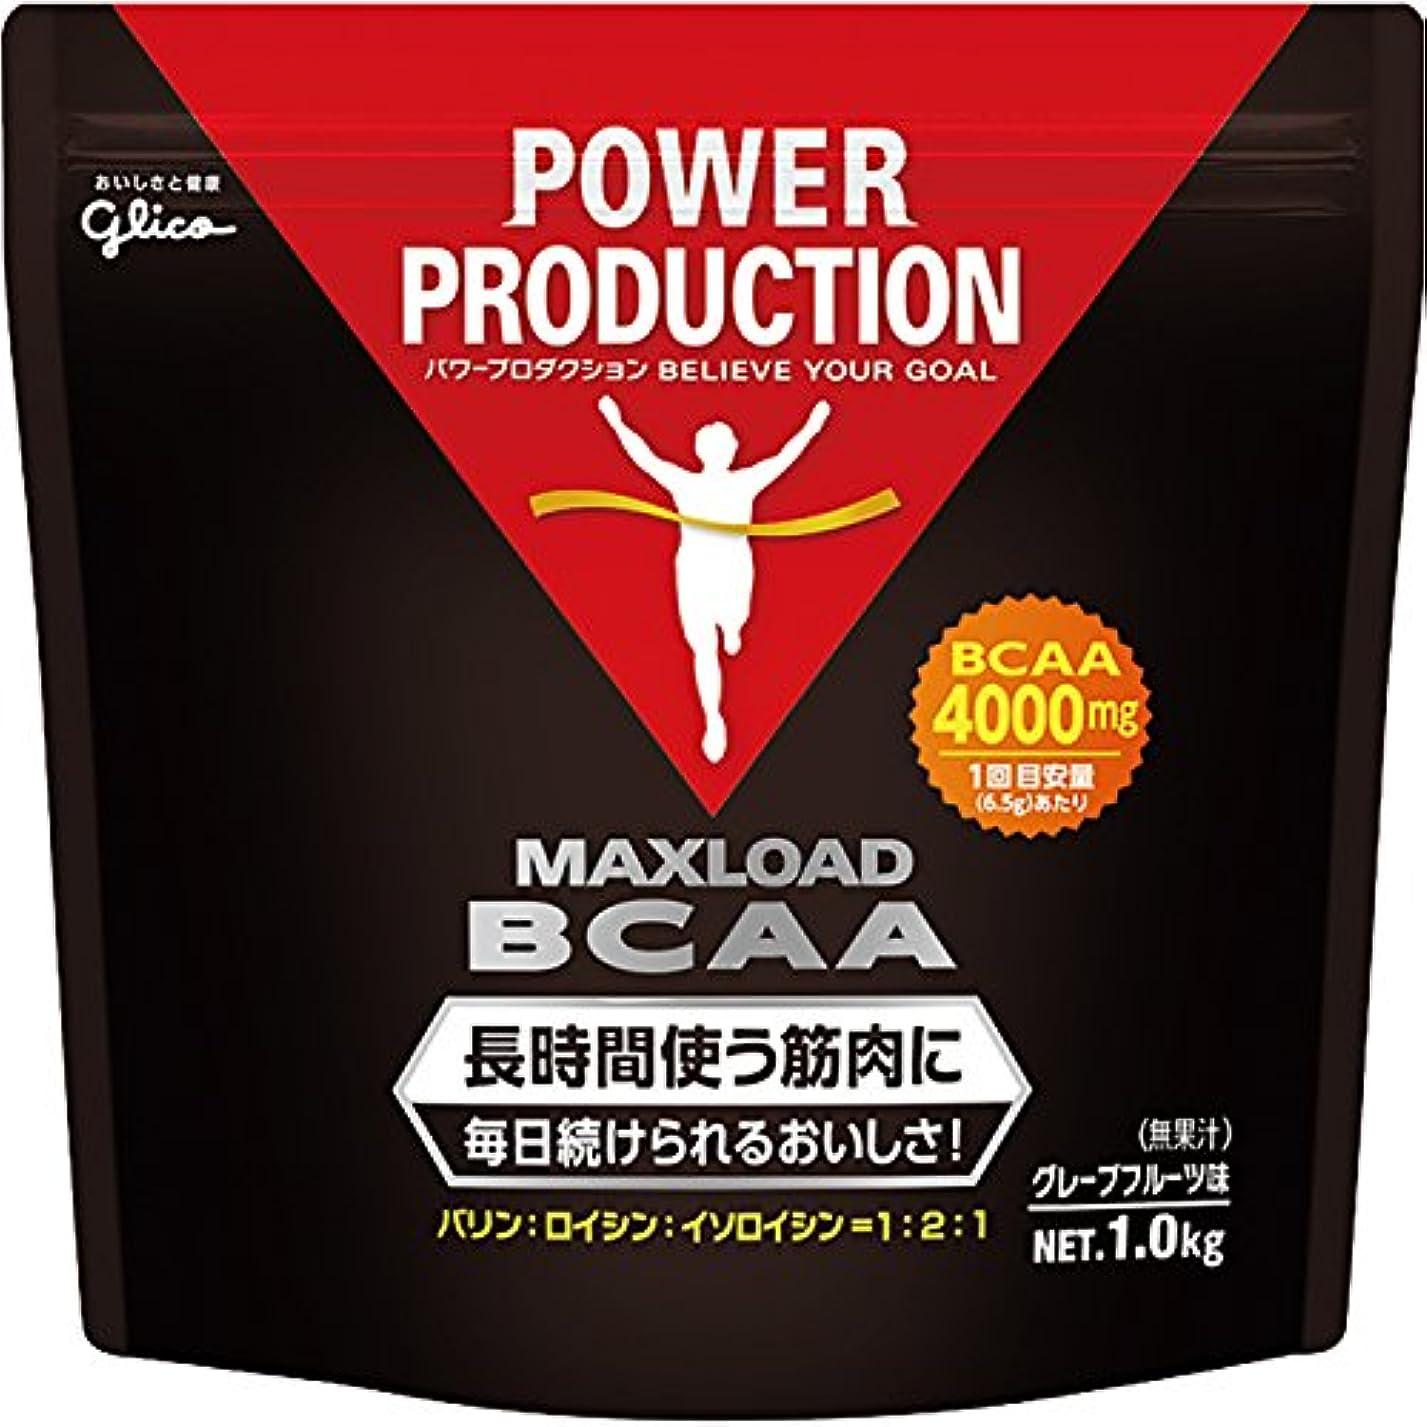 面権威後ろにグリコ パワープロダクション マックスロード BCAA4000mg アミノ酸 グレープフルーツ風味 1kg【使用目安 約153回分】